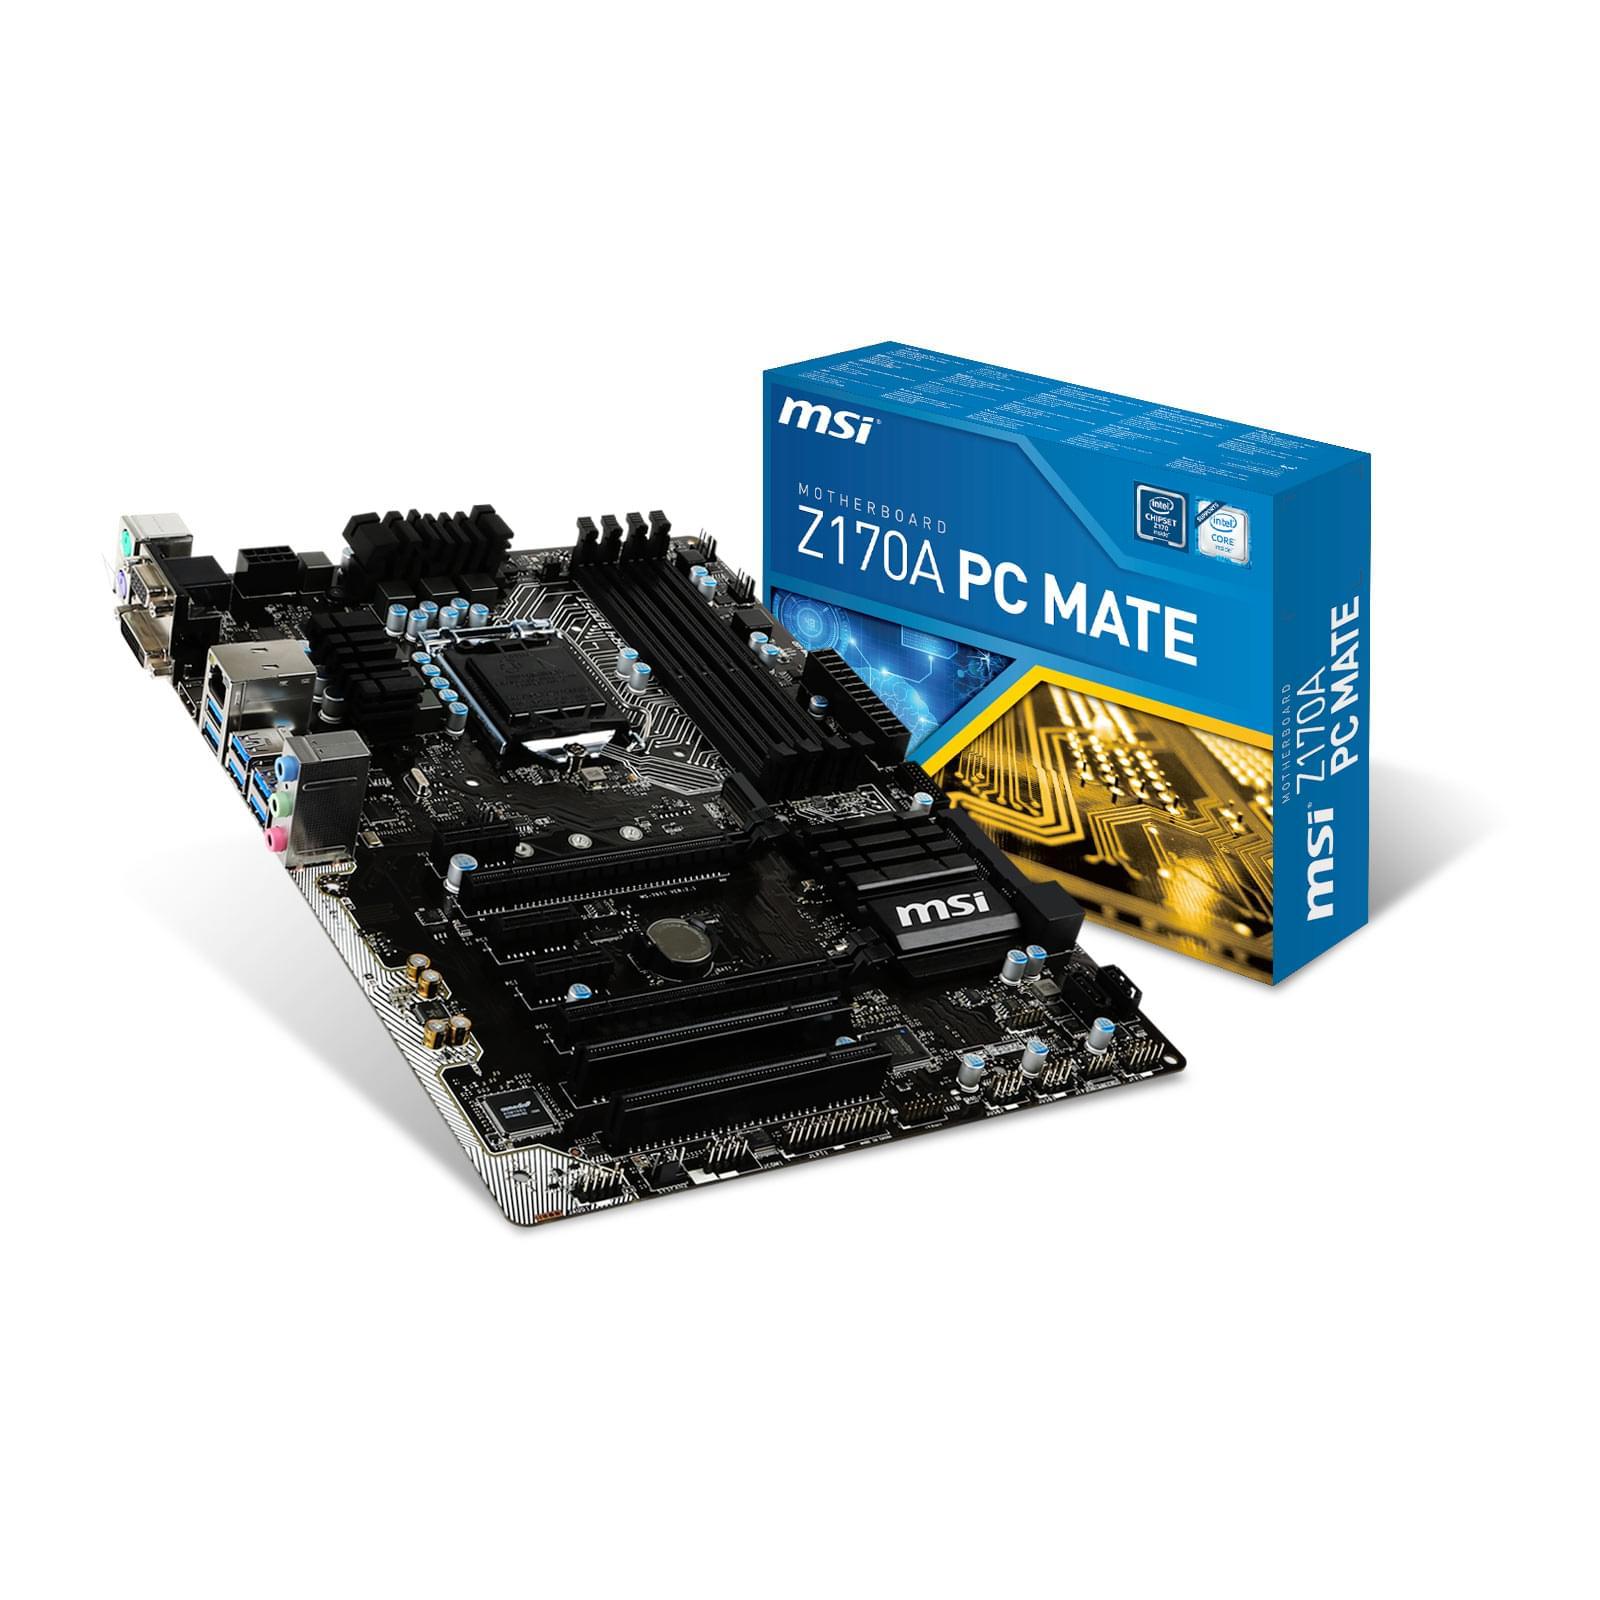 Carte mère MSI Z170A PC MATE - 0